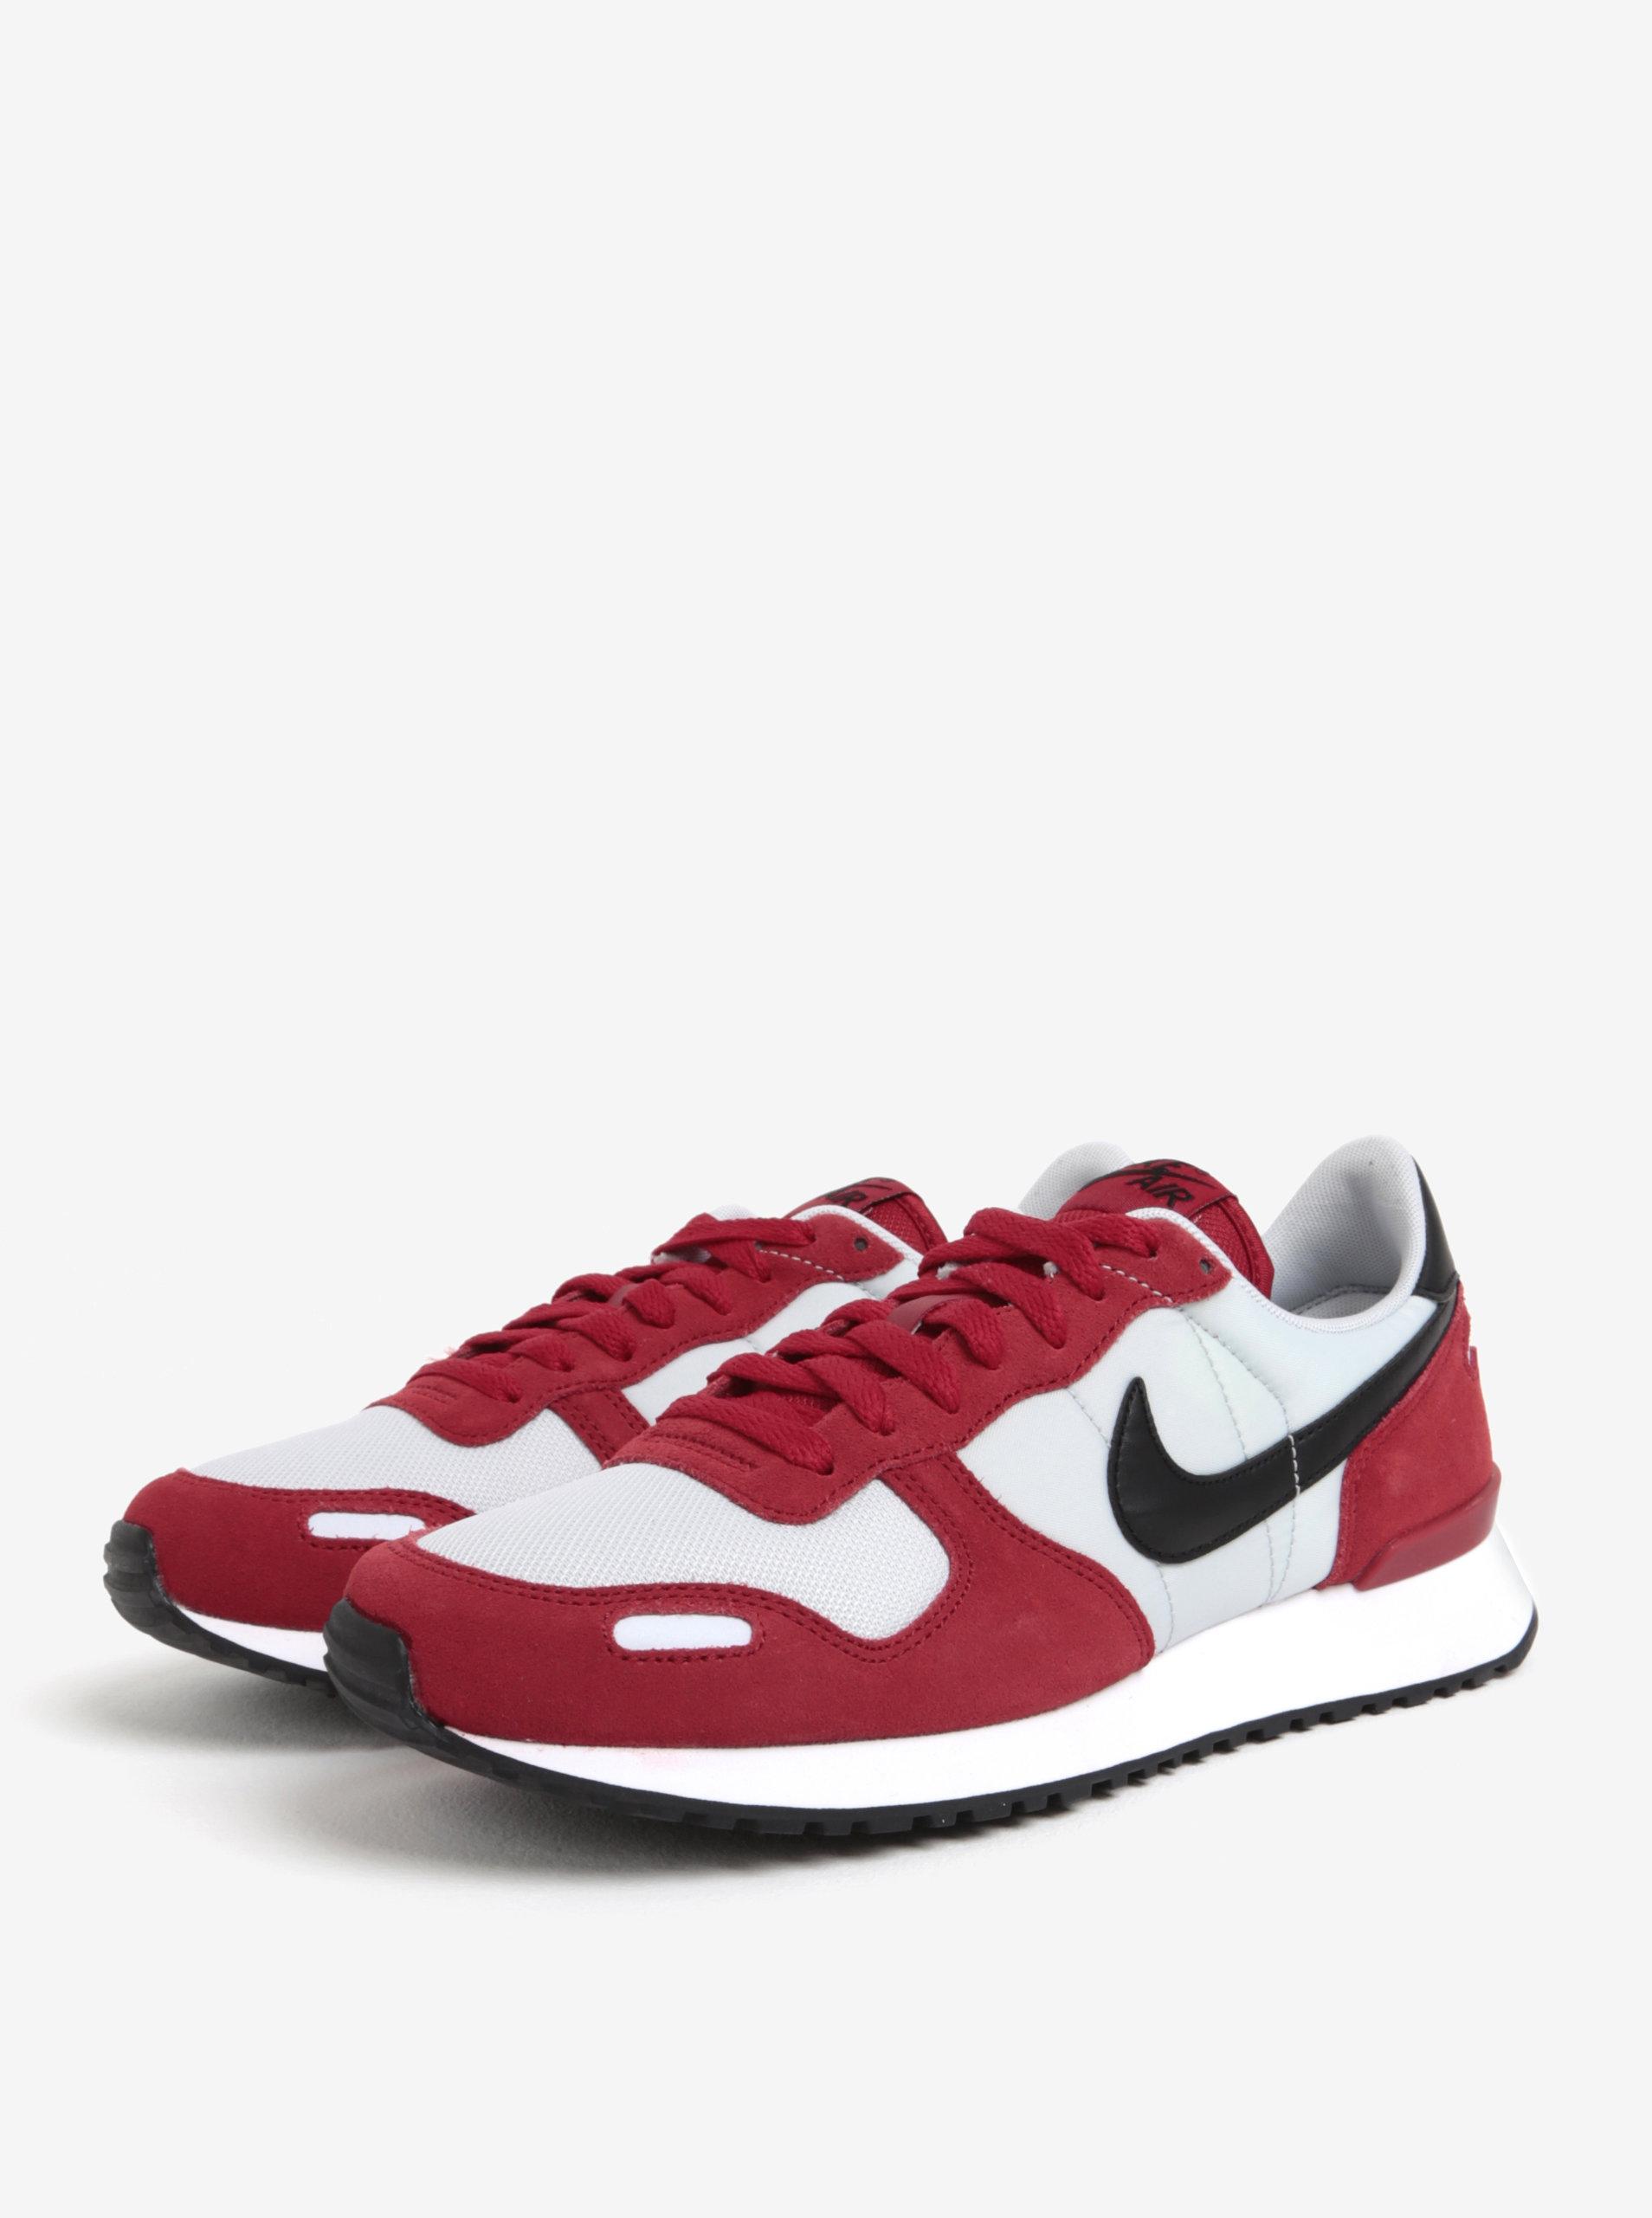 83b0c2dae5a Bílo-červené semišové pánské tenisky Nike Air Vortex ...